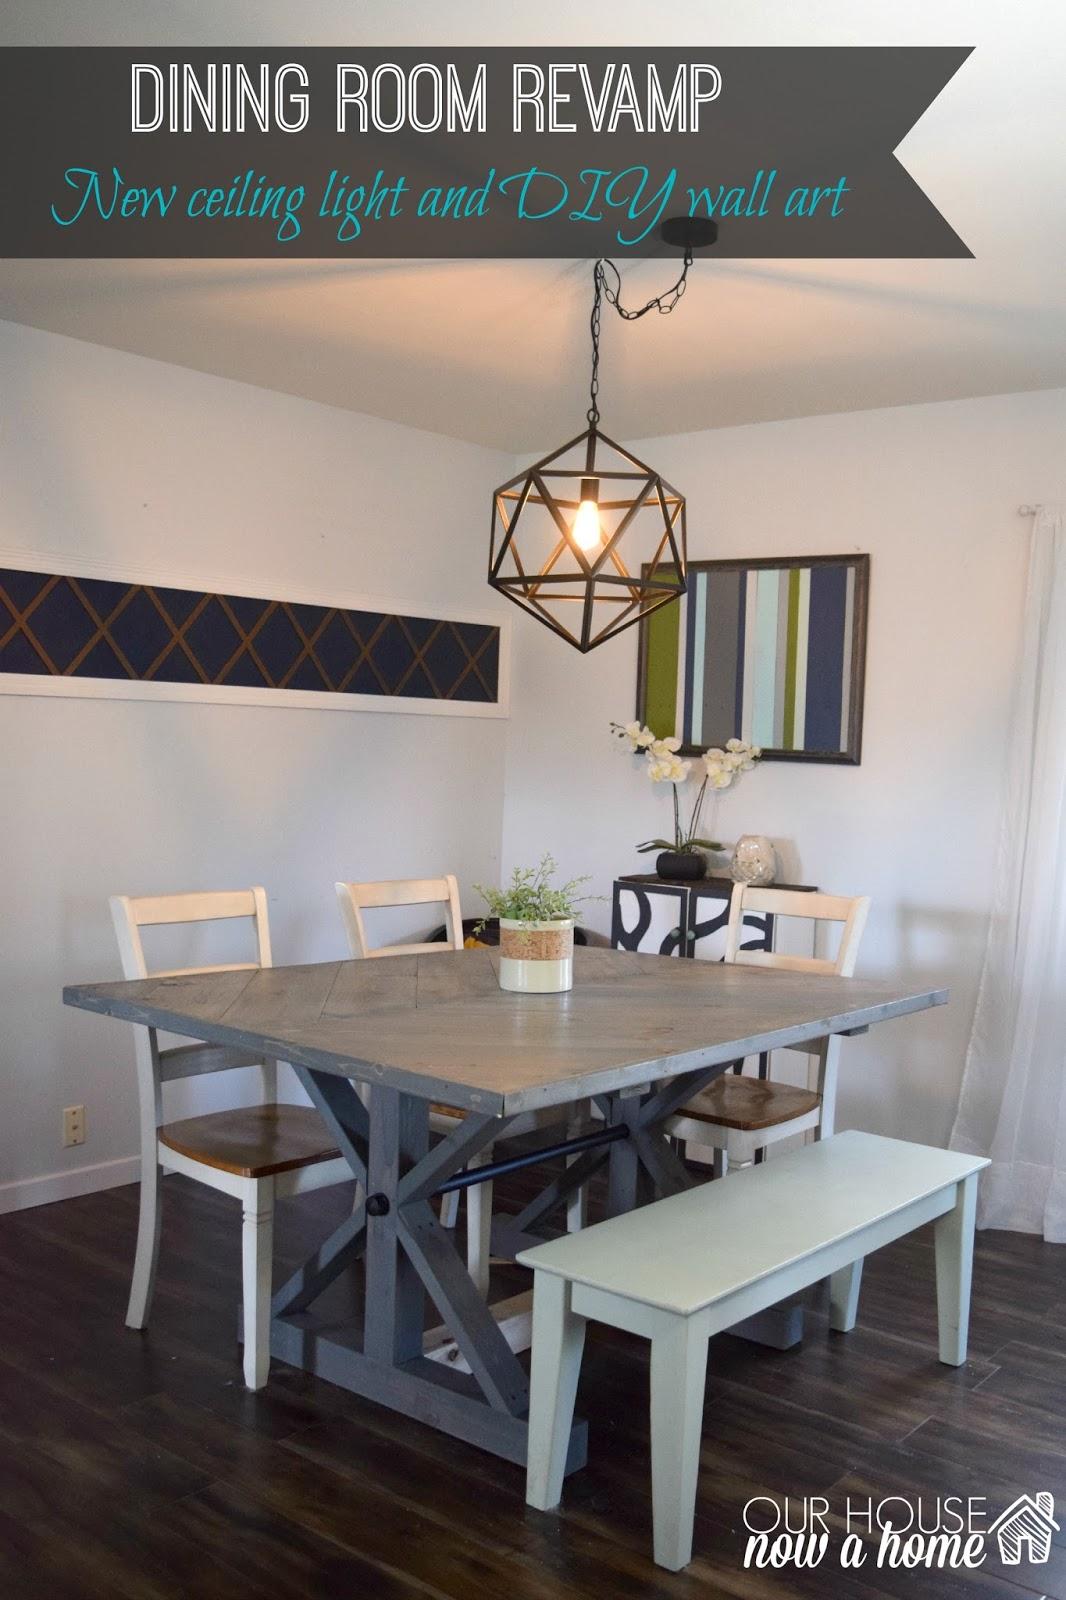 diy dining room wall decor. diy dining room wall decor i